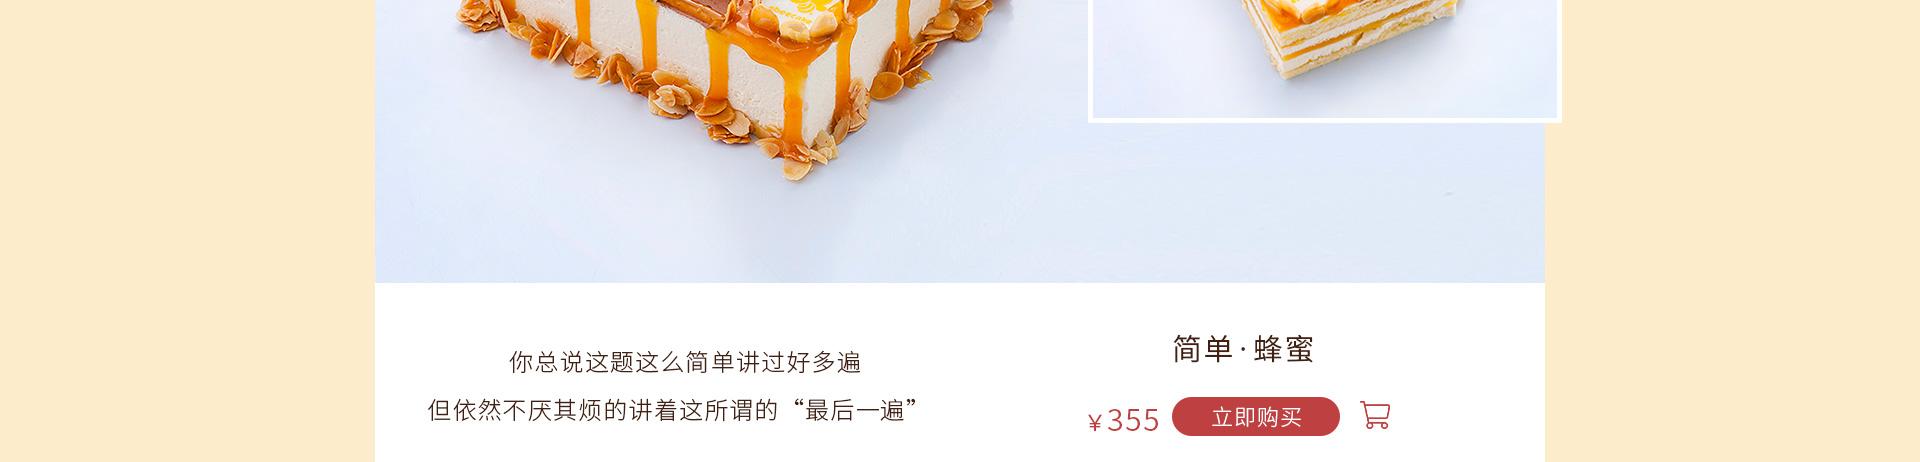 简单|蜂蜜蛋糕 在线订购